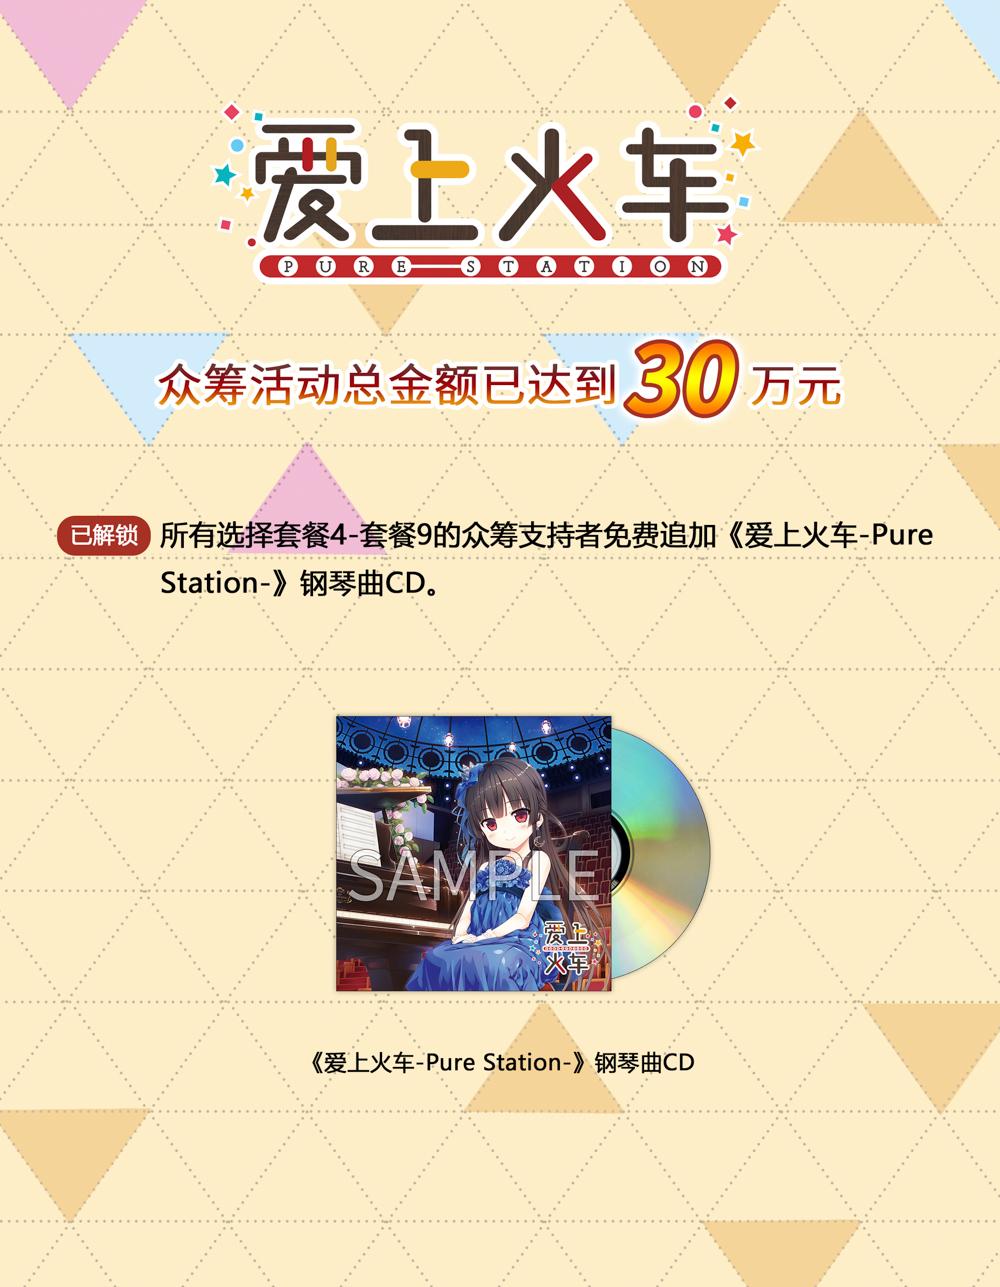 30万-火车贺图-9.jpg